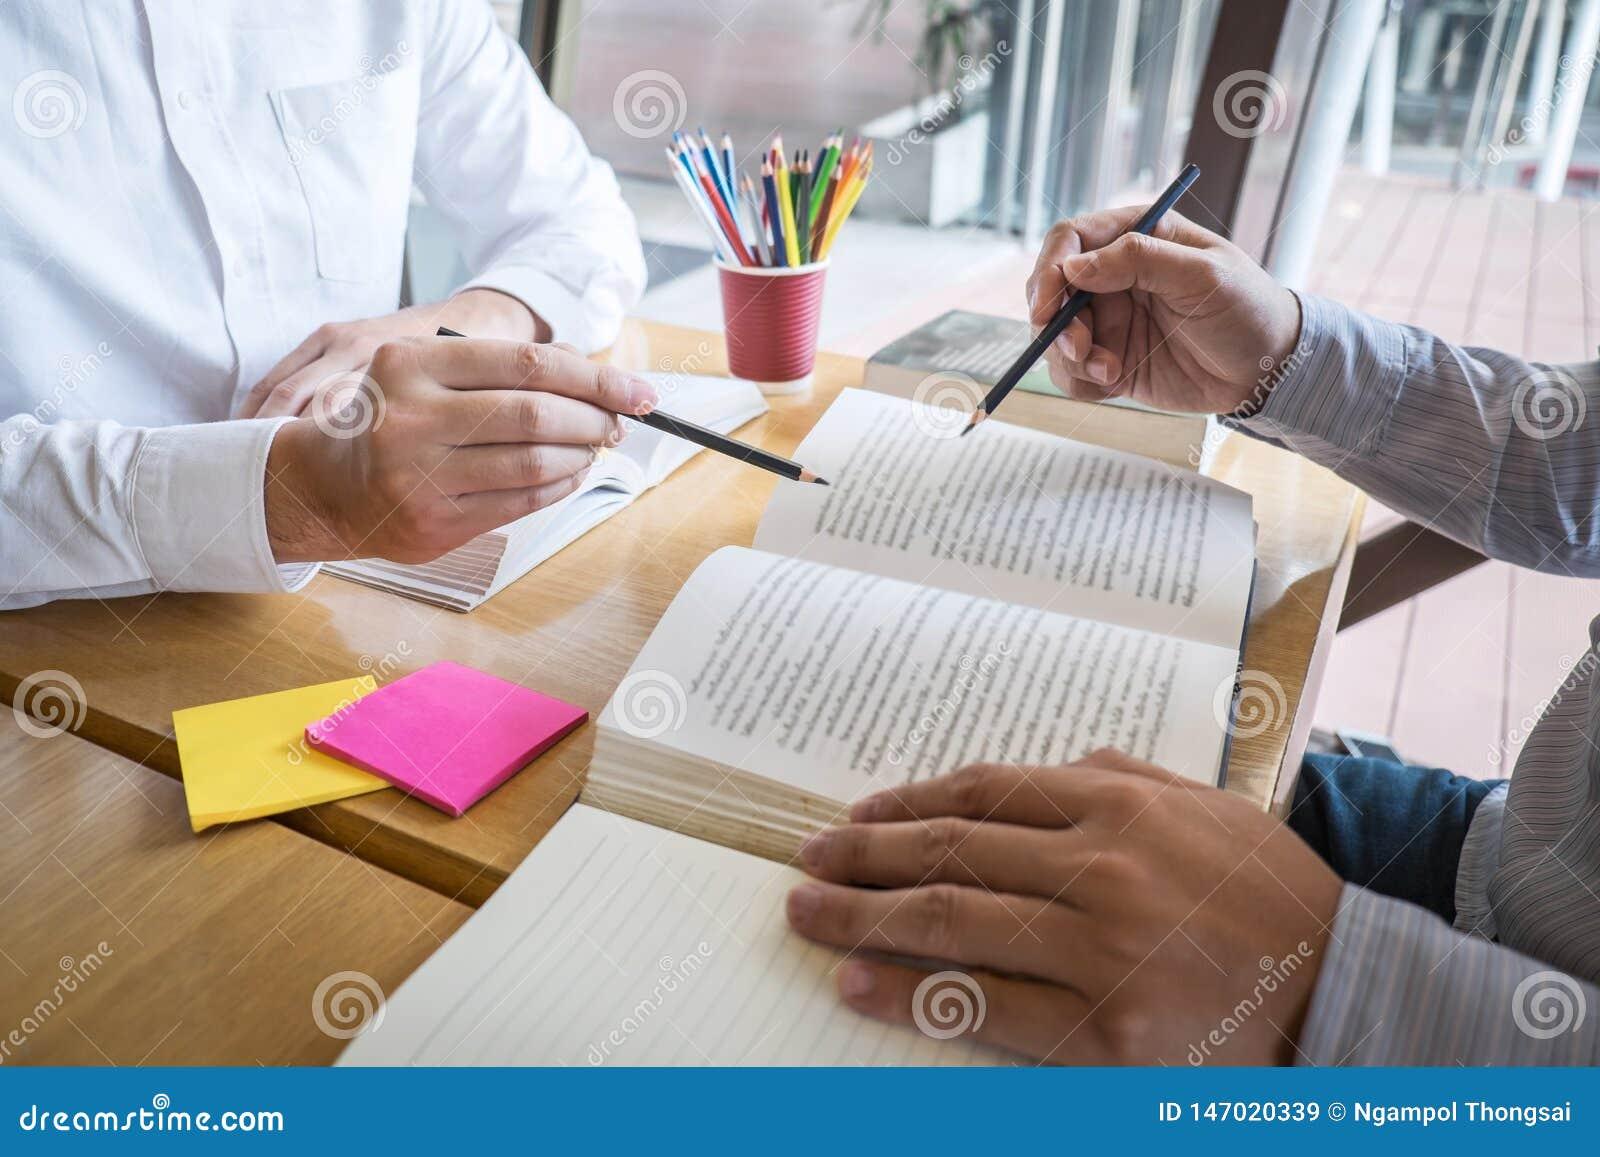 Grupp av ungdomarsom l?r studera ny kurs till kunskap i arkiv under att hj?lpa undervisa v?nutbildning f?r att f?rbereda sig f?r